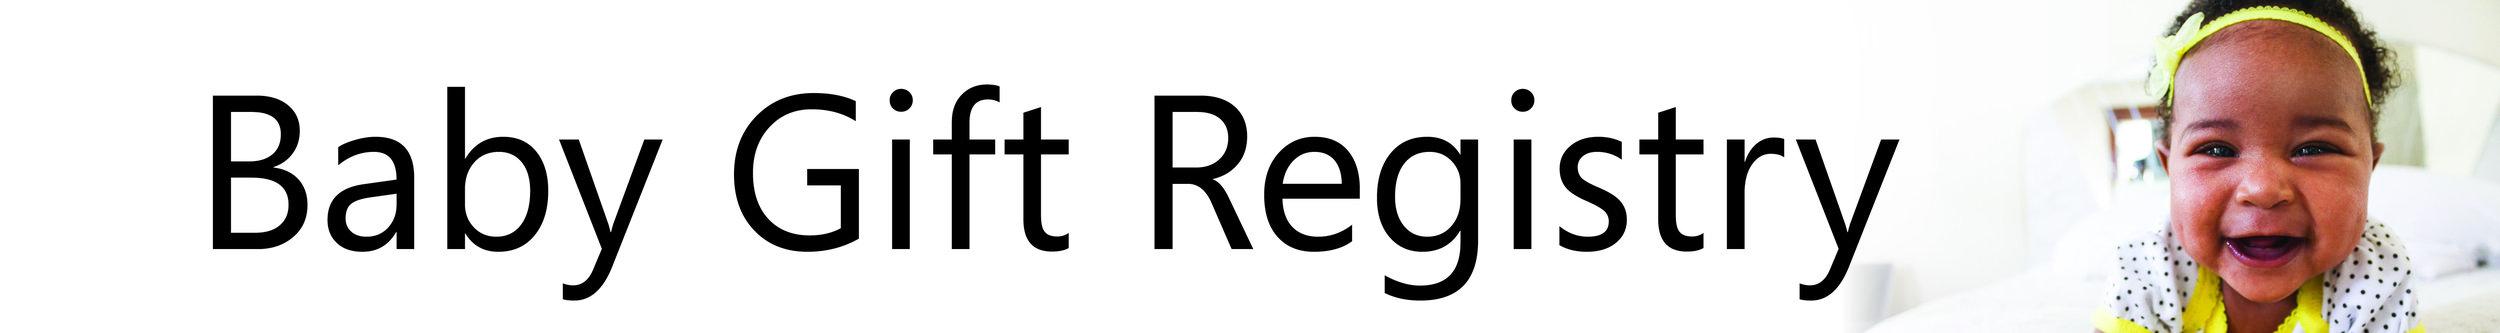 Baby Gift Registry - Website Banner.jpg